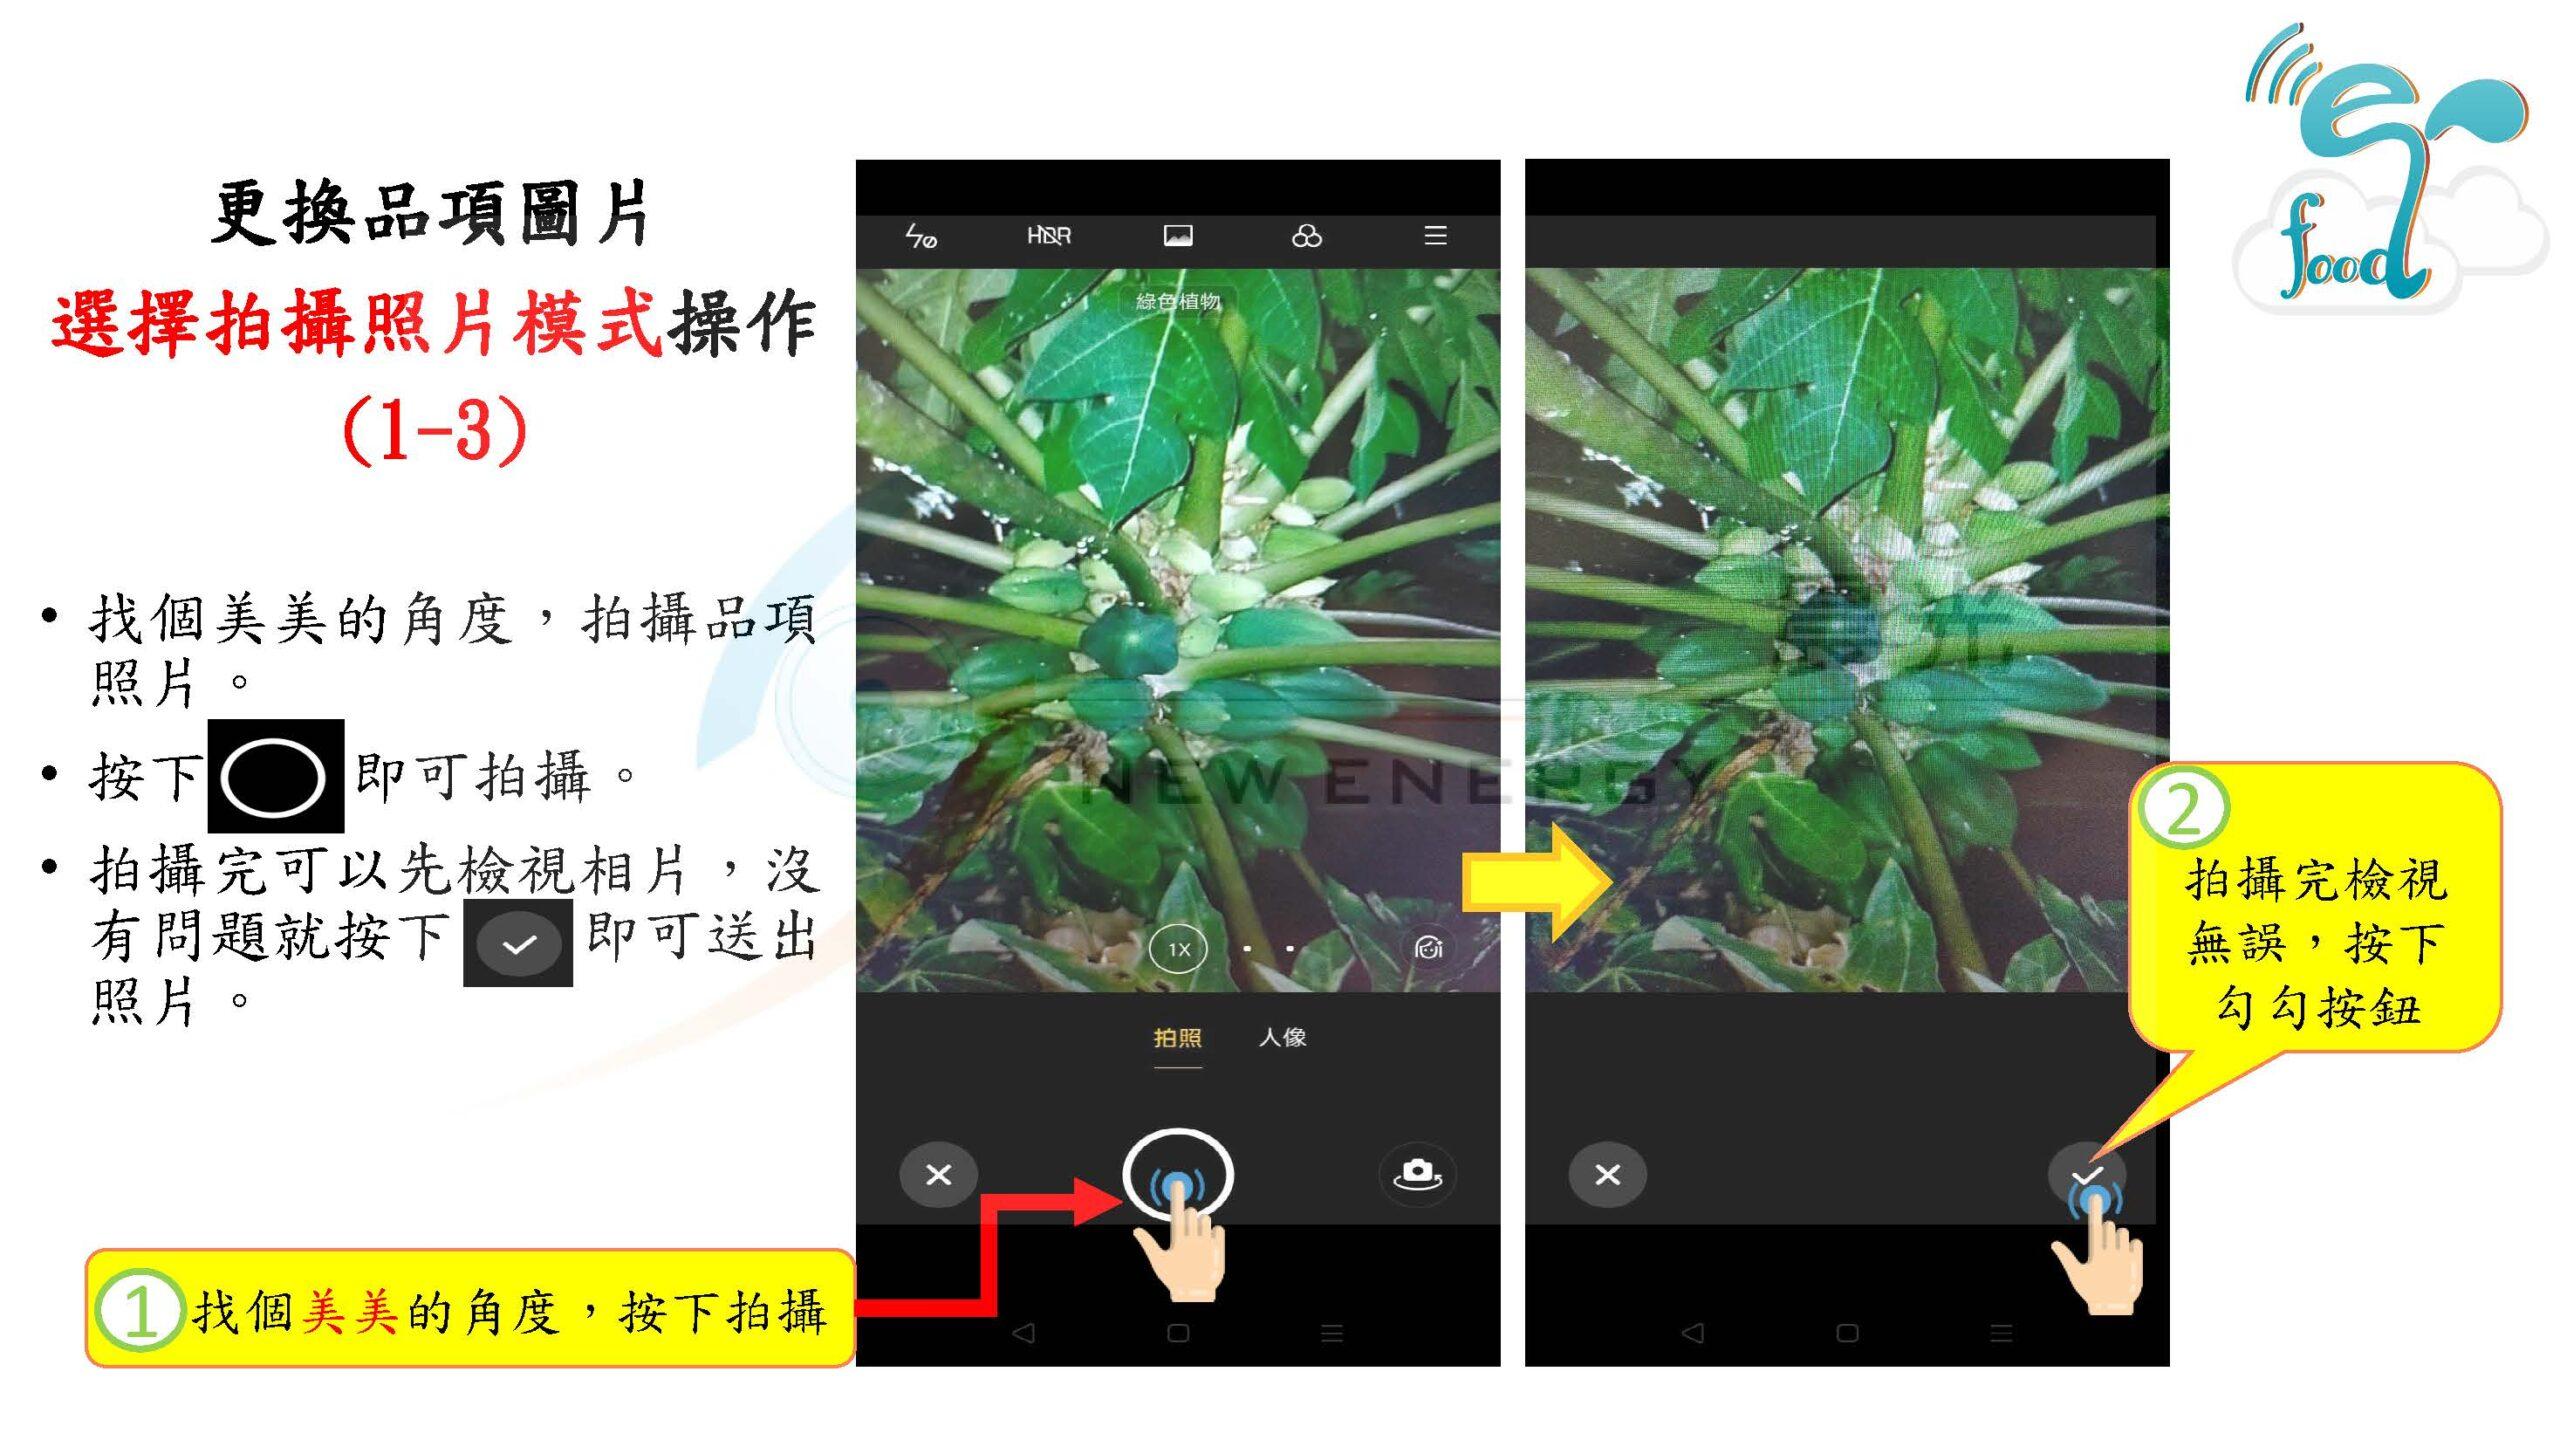 真食呈現,品項細部設定,更換影像圖片,選擇拍攝照片